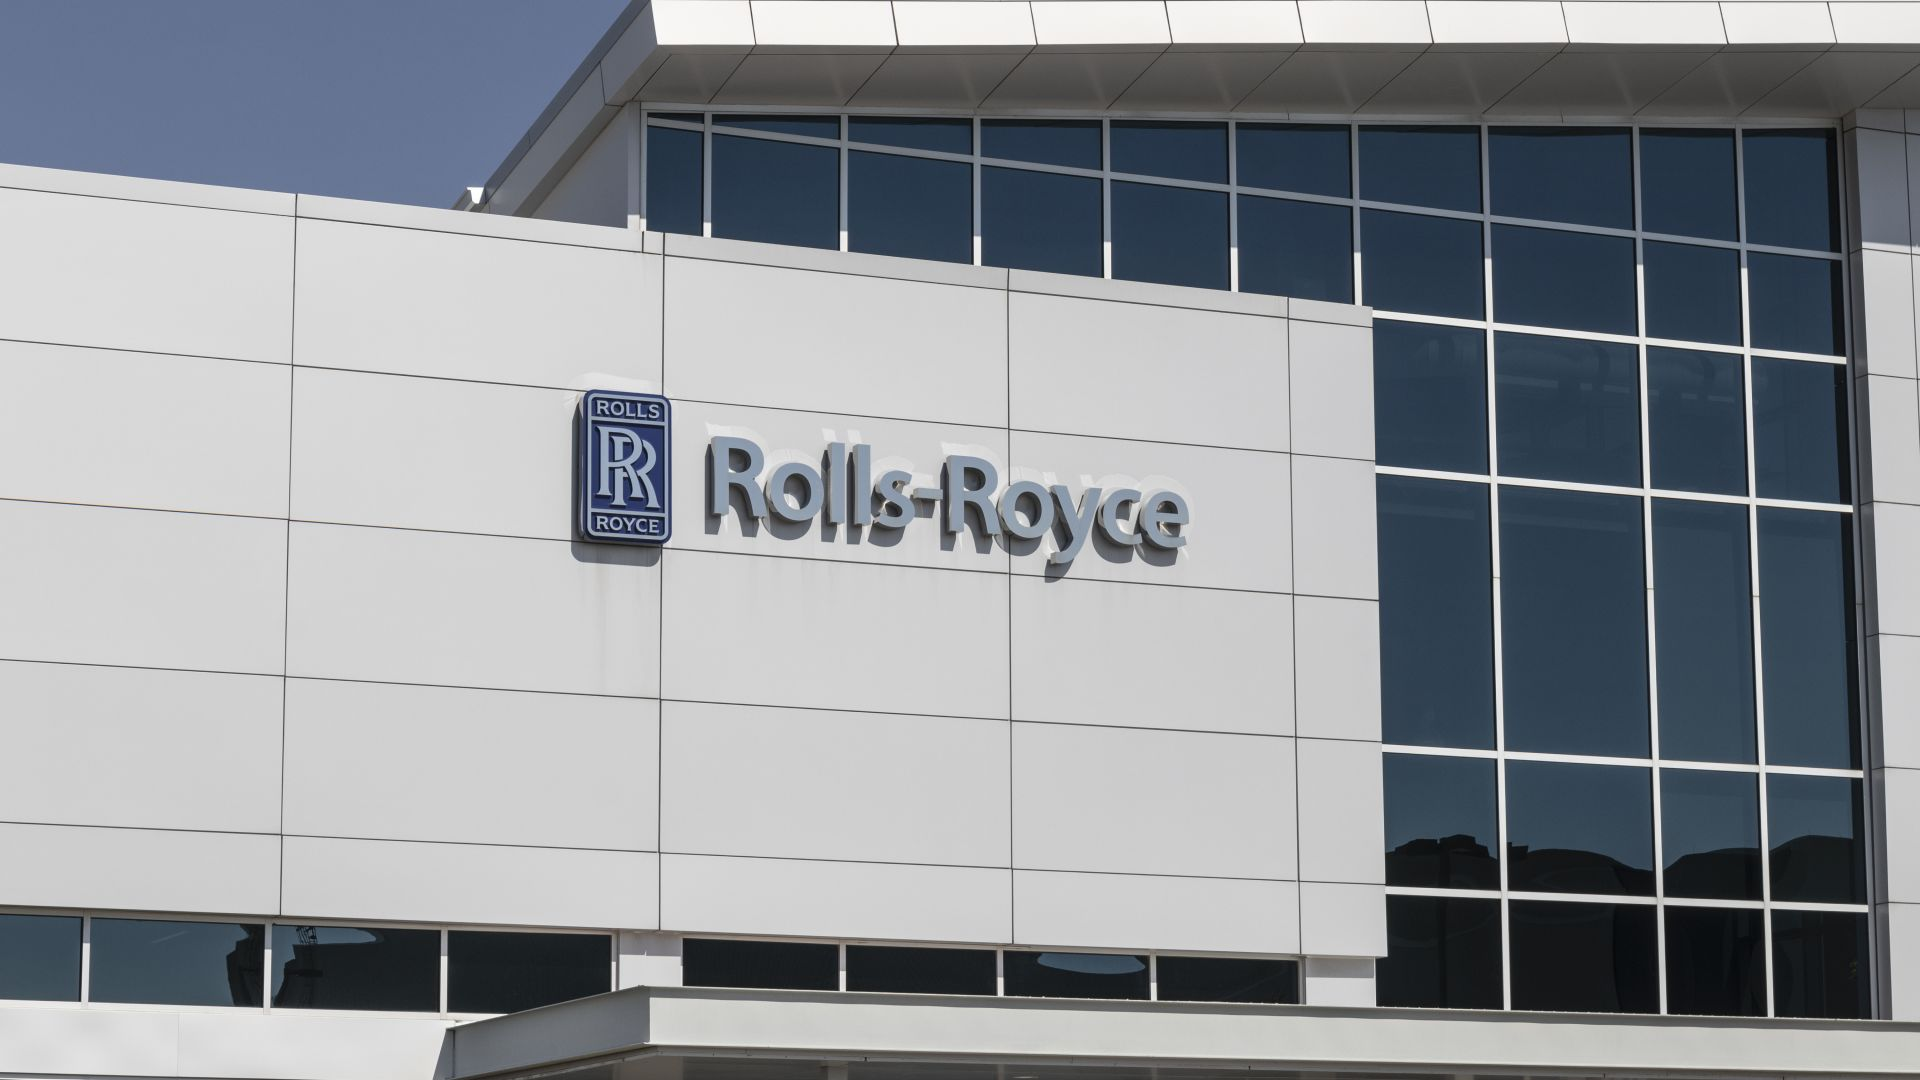 Ролс-Ройс ще произвежда само електрически коли до 2030 г.